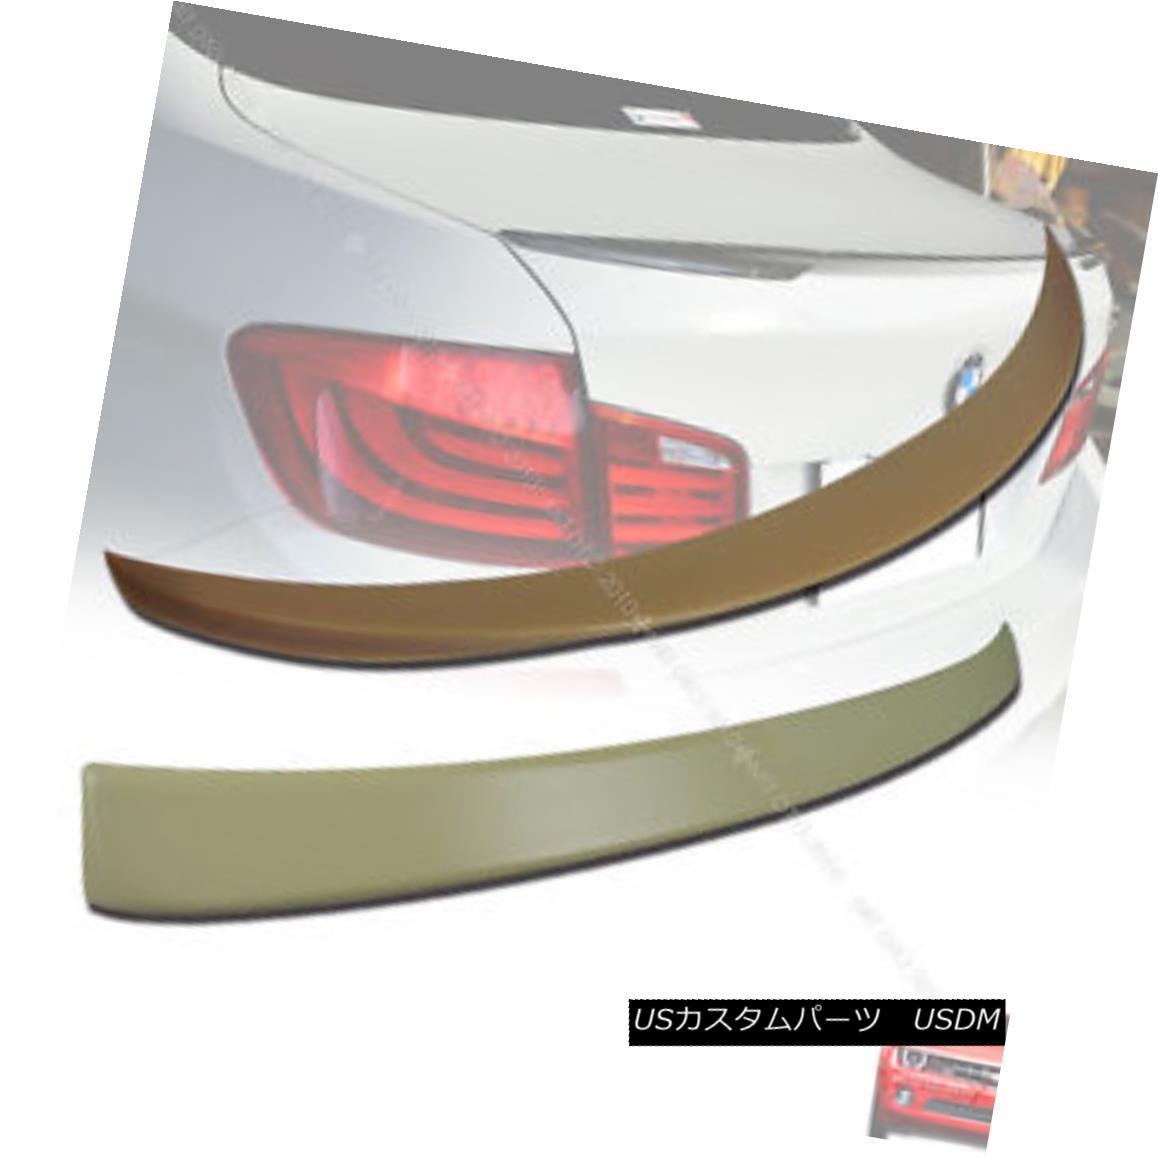 エアロパーツ BMW NEW F10 A Type Roof Spoiler & P Type Trunk Spoiler Rear Wing 10+ § BMW NEW F10 Aタイプルーフスポイラー& Pタイプトランクスポイラーリアウイング10+